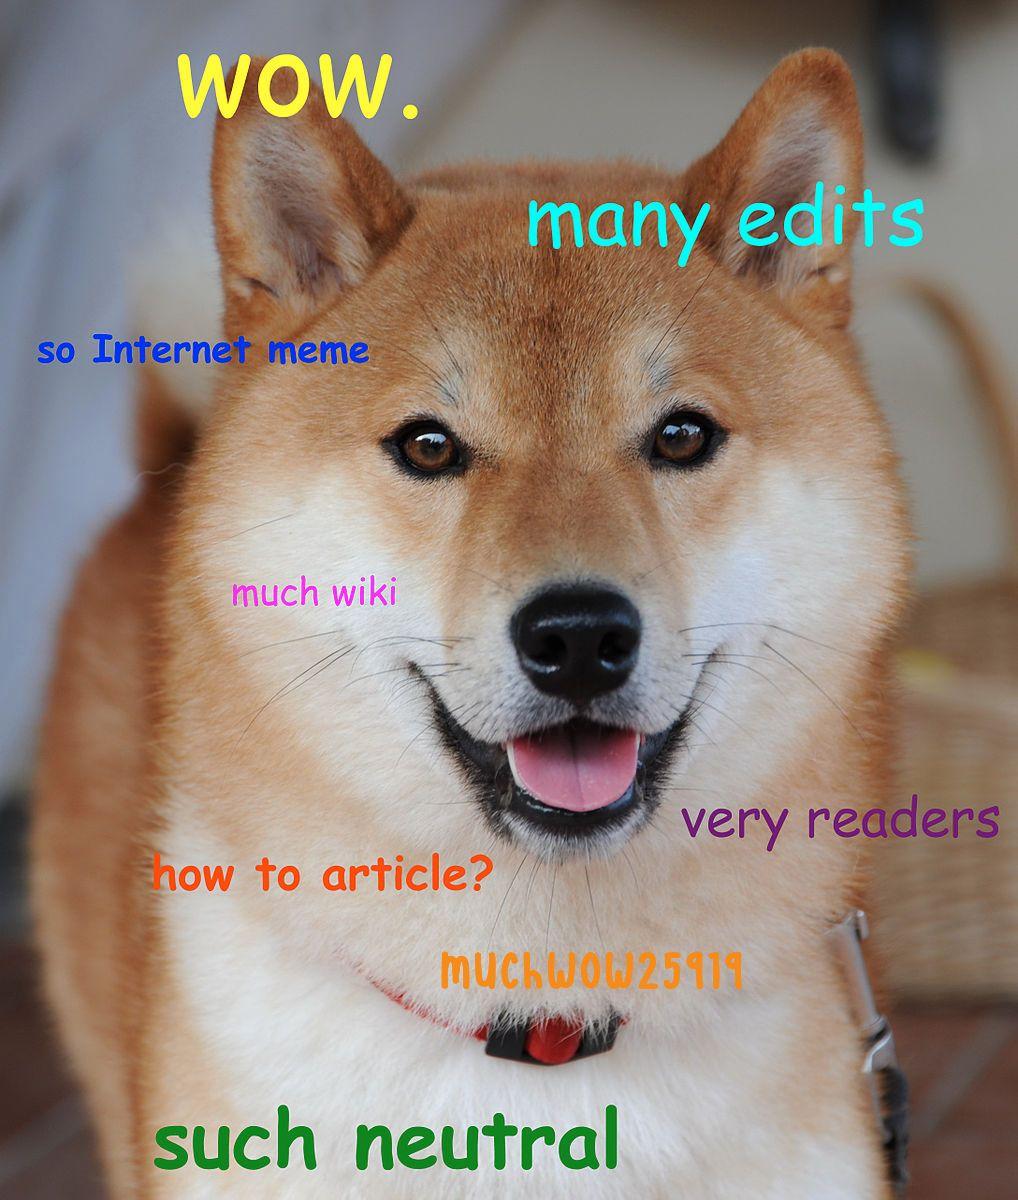 Doge_homemade_meme-1-